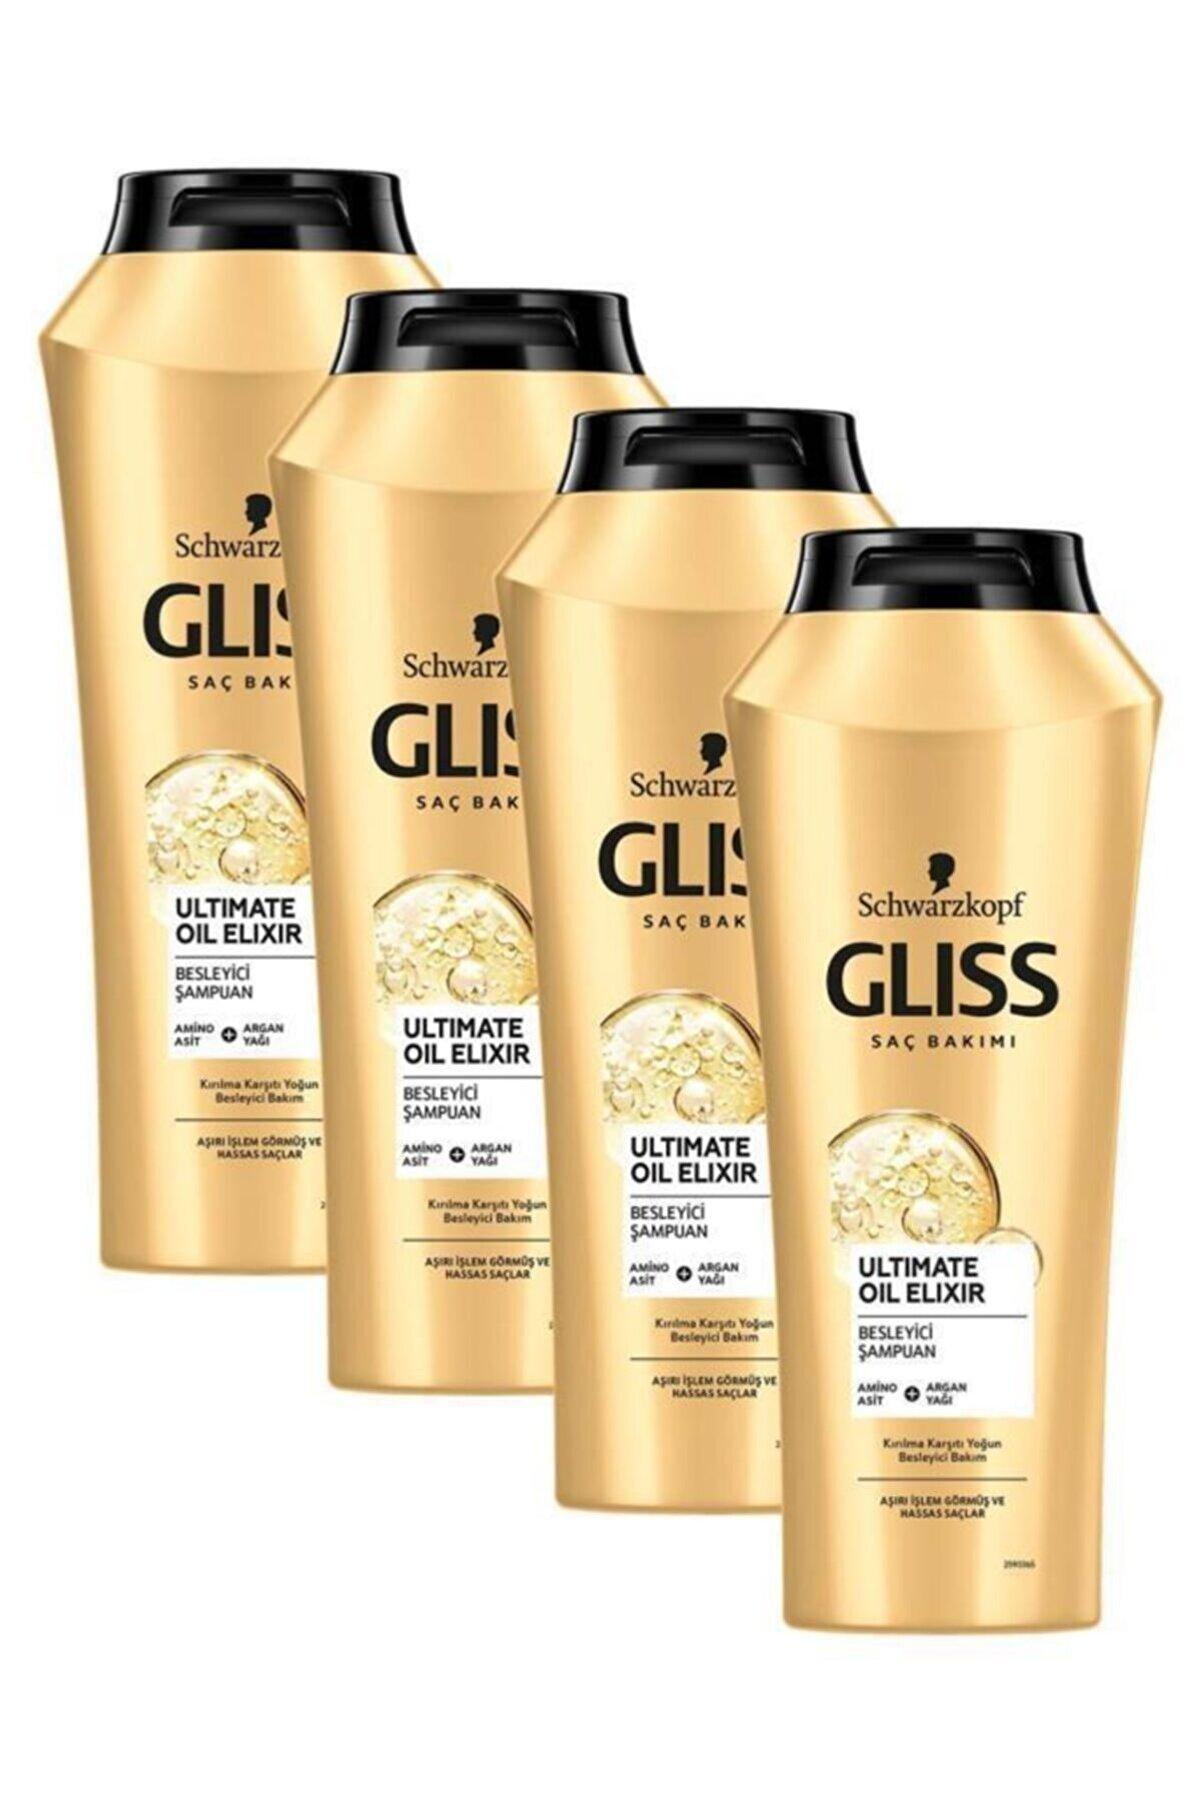 Gliss Ultimate Oil Elixir Besleyici Şampuan 500 ml 4'lü